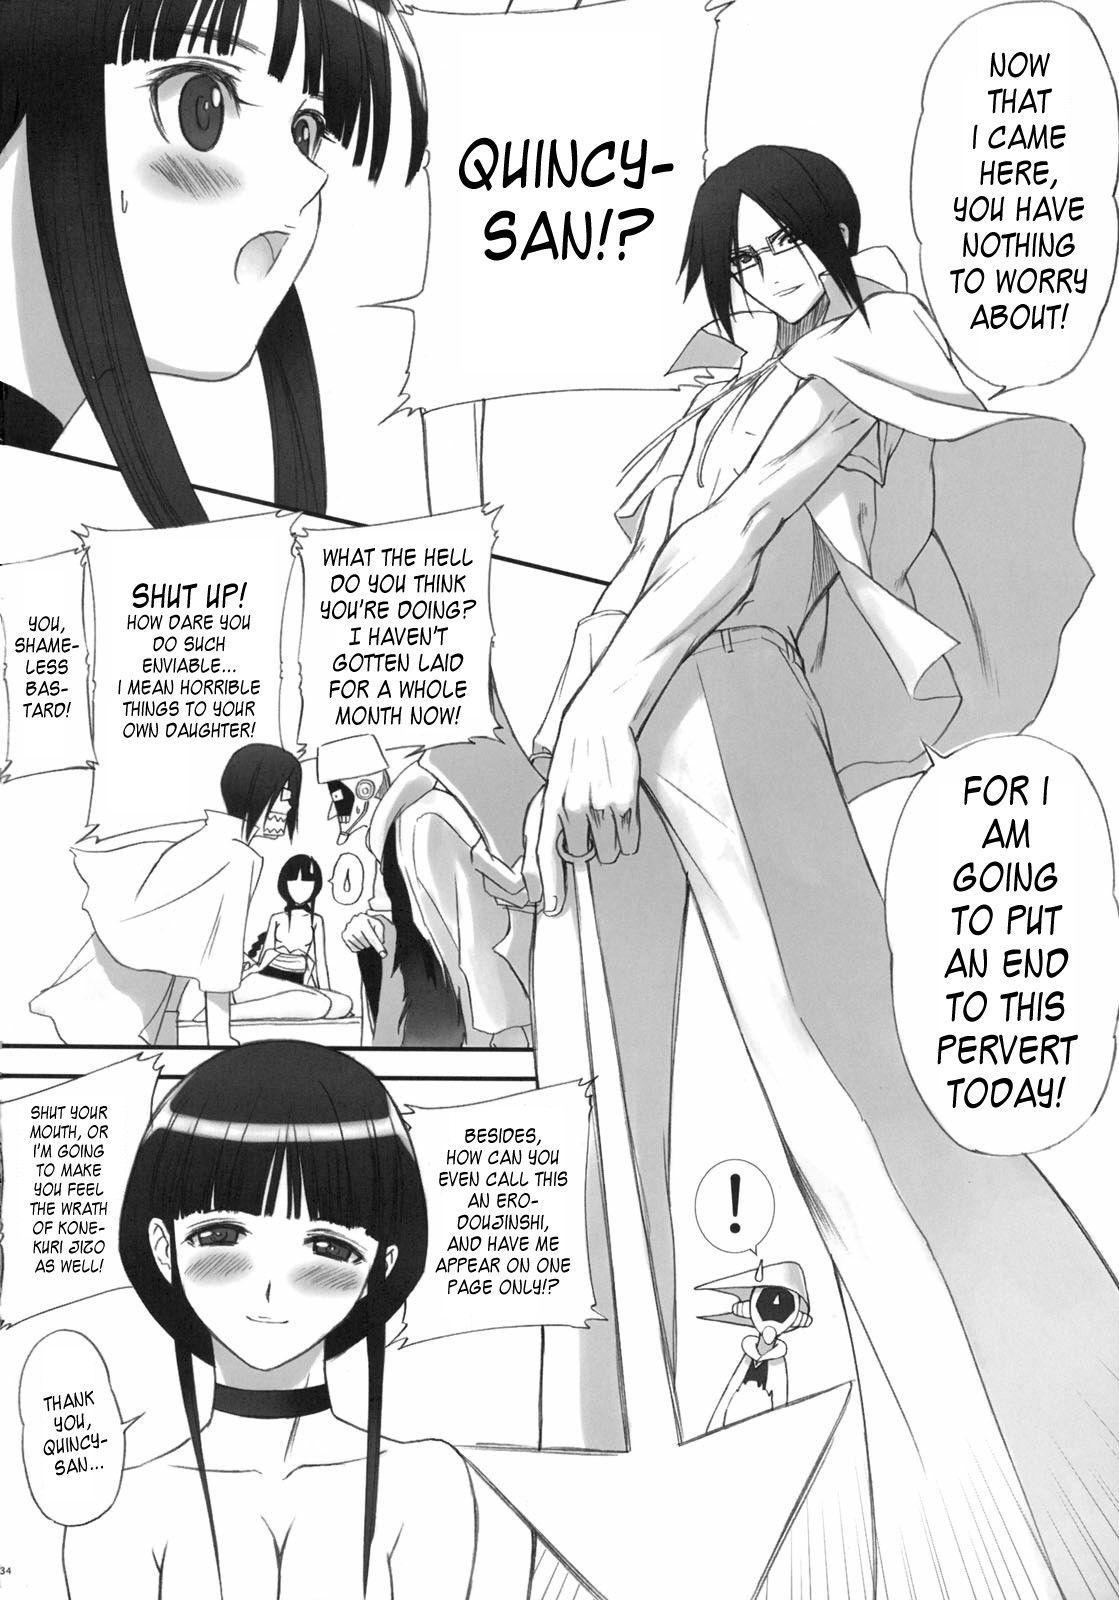 Watashi wa Kyozetsu Suru! Kamo | I Refuse... Maybe... 31